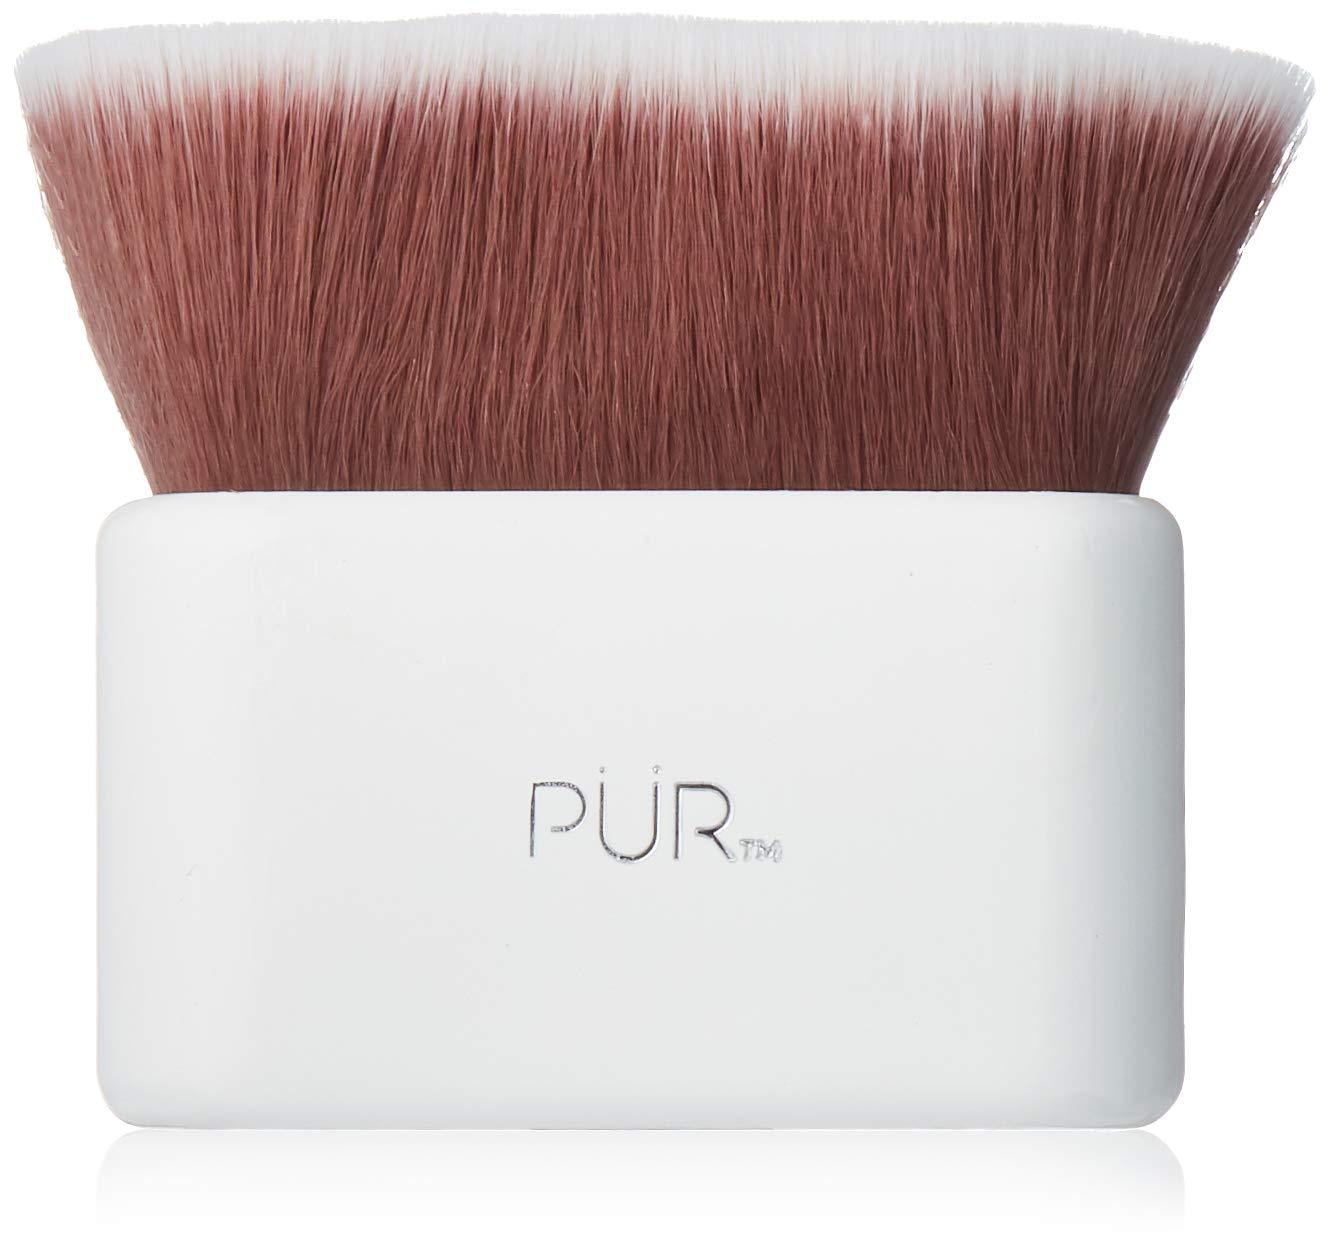 PÜR Perfecting Body Brush